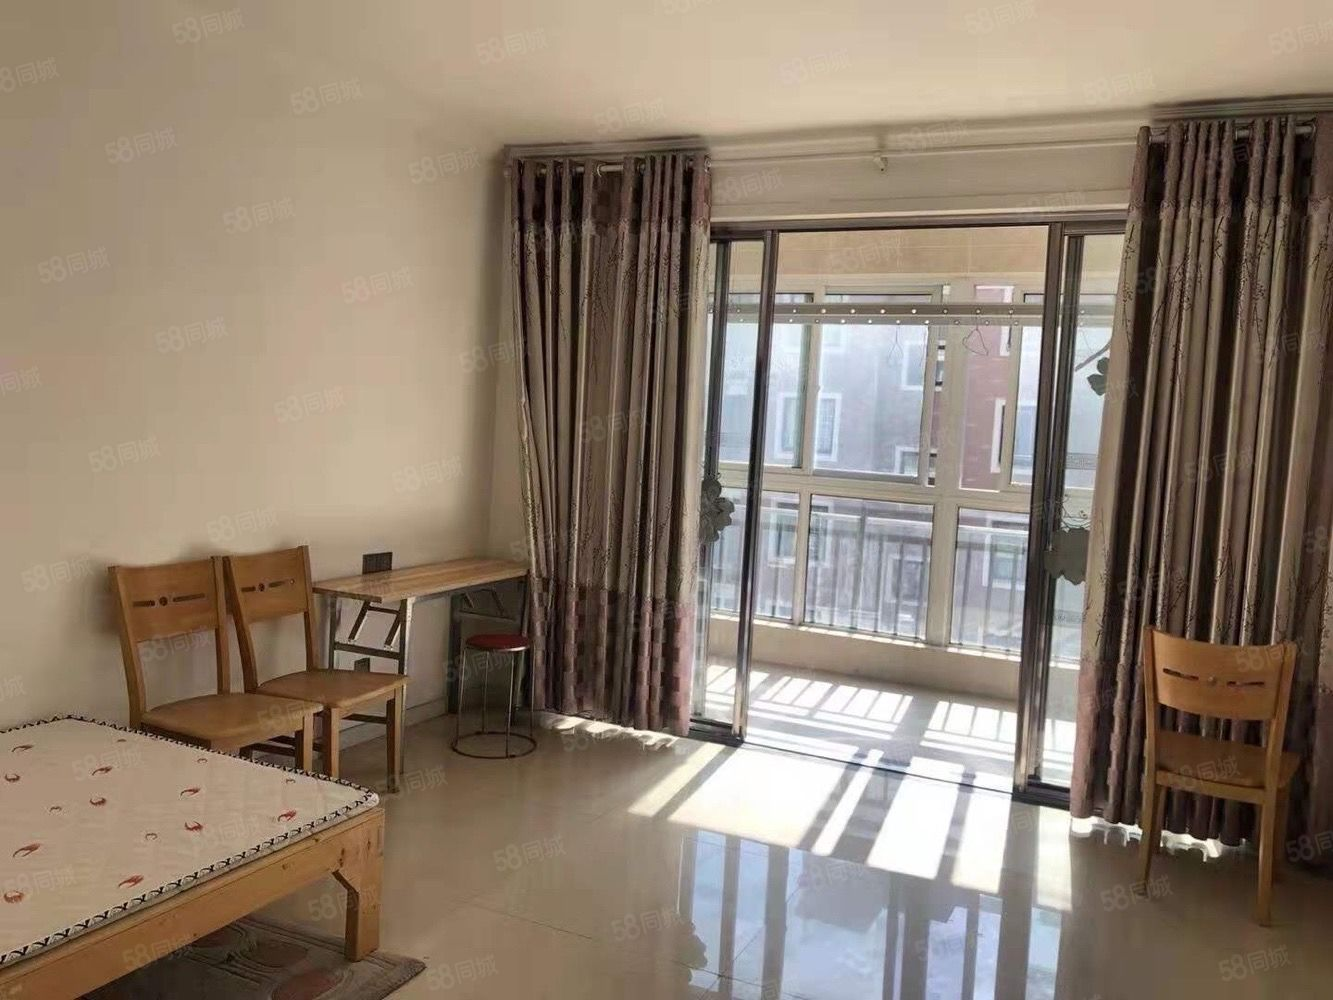 香格里拉4楼3室,提包入住,每个房间都有空调。13500一年